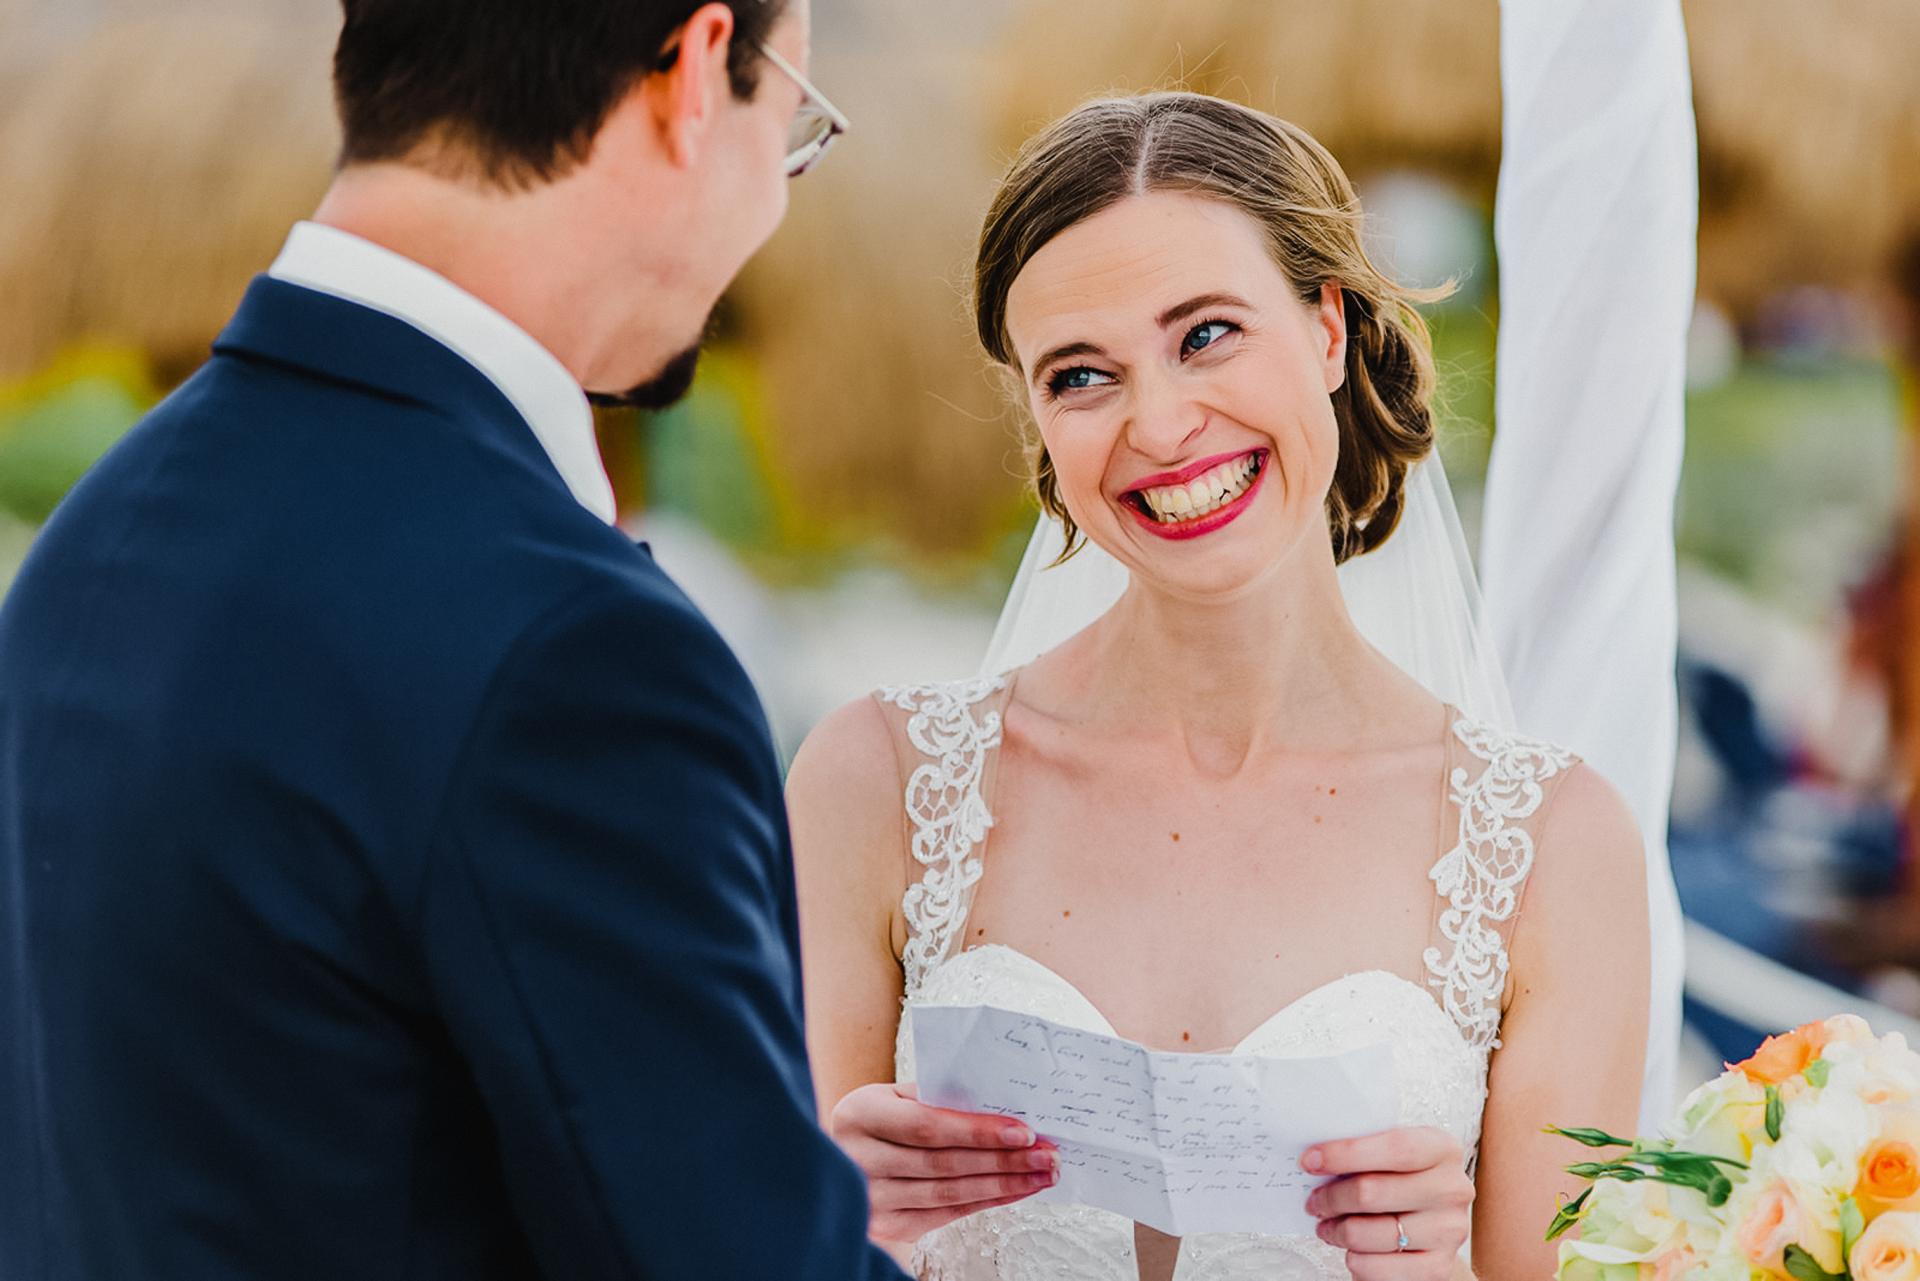 Imagens de cerimônia de casamento na praia de Cancun México | os olhos dela brilham enquanto ela e o noivo trocam votos na praia